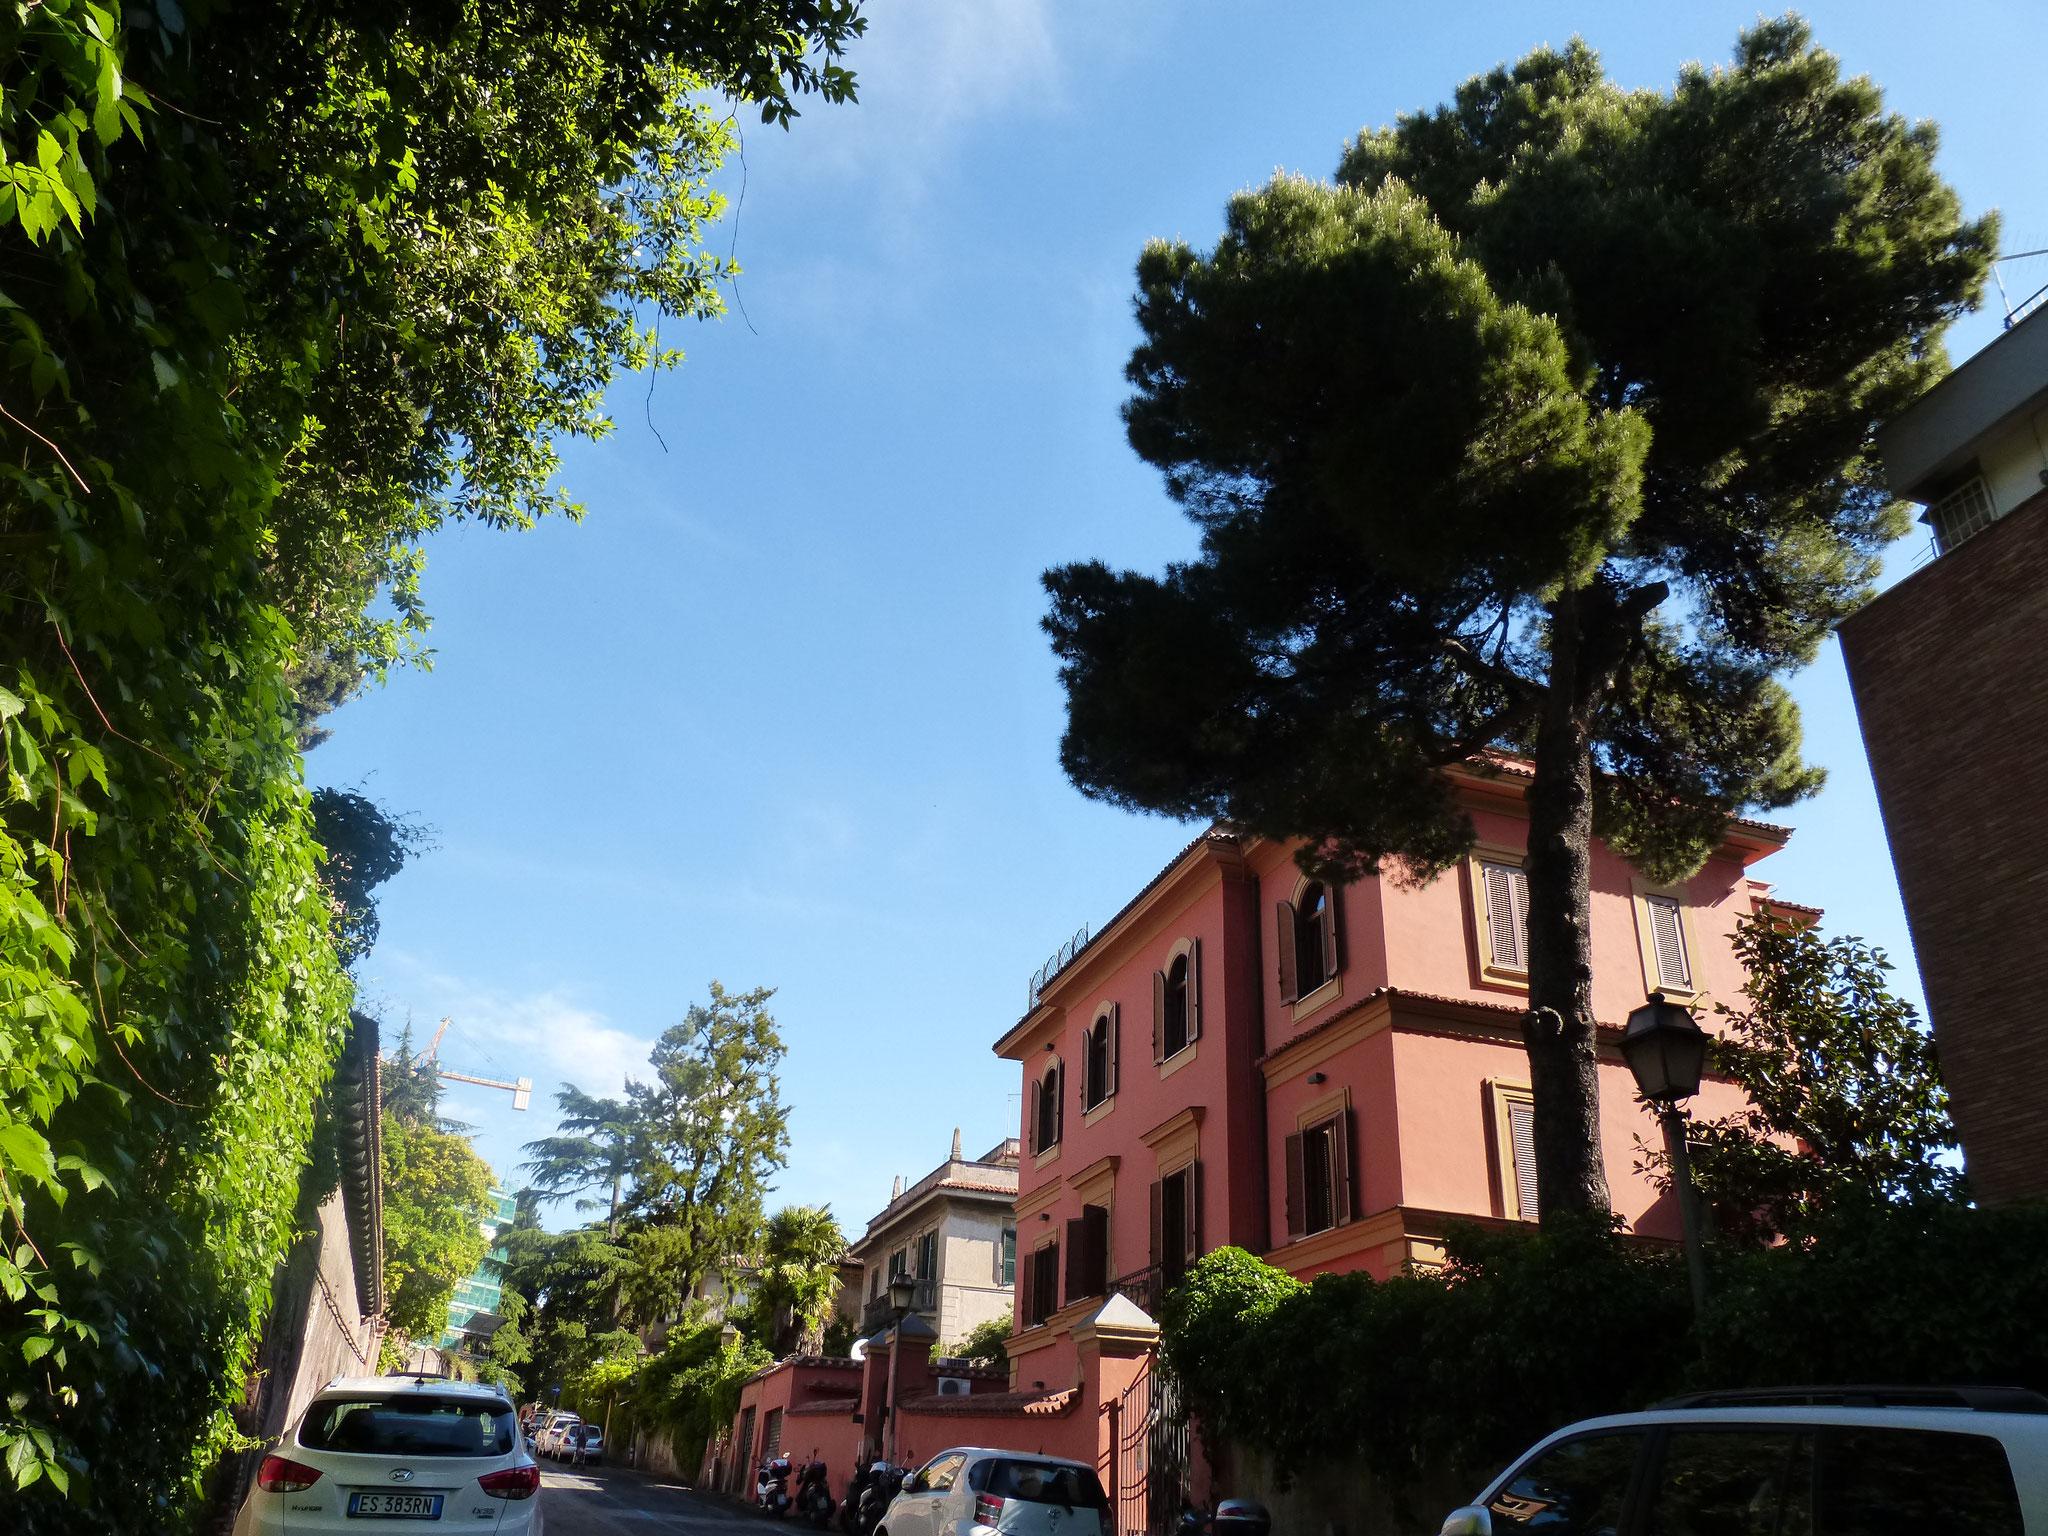 Der Aventin ist eine schicke und ruhige Wohngegend im Herzen der Ewigen Stadt.